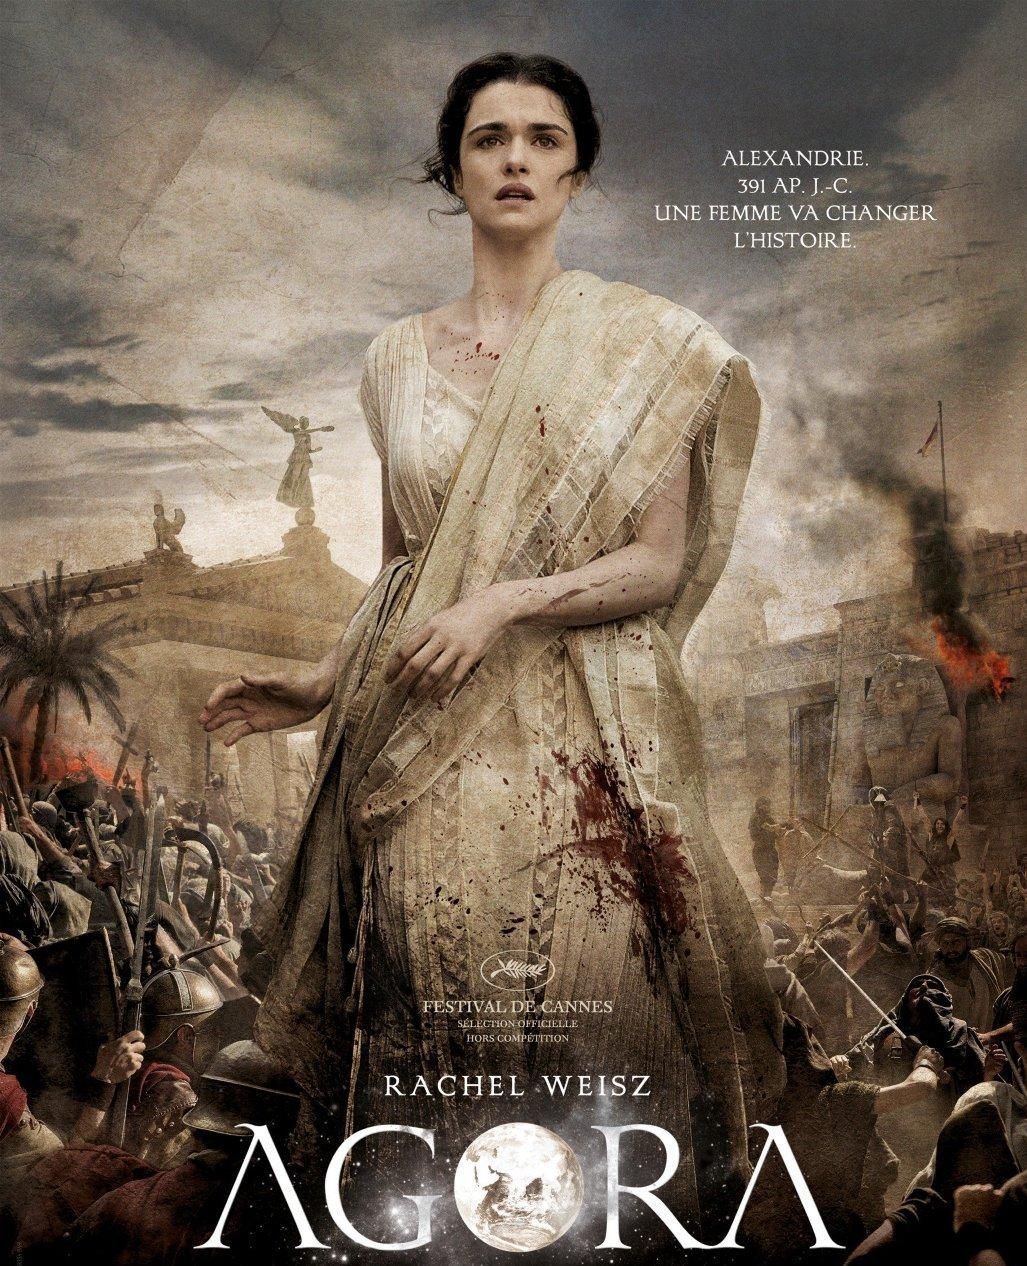 http://3.bp.blogspot.com/_OqflU3w-KOA/S8hEe_ZF0JI/AAAAAAAABe0/HS8wIczopD0/s1600/Agora+Movie+poster.jpg